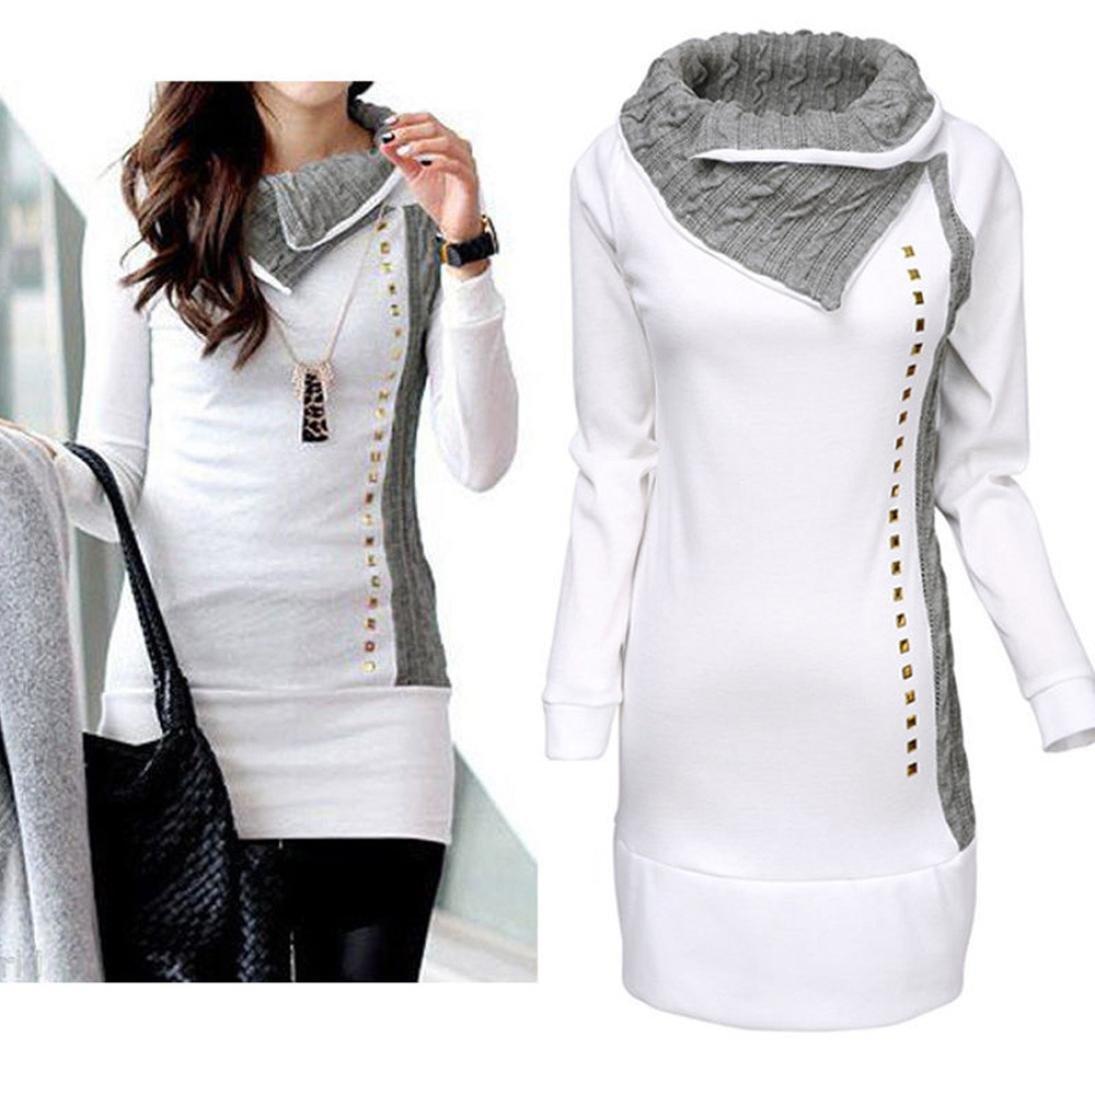 KaiCran Fashion Sweatshirt For Womens Patchwork Blouse Tops Ladies T-Shirt Blouse Tops Rivet Blouse